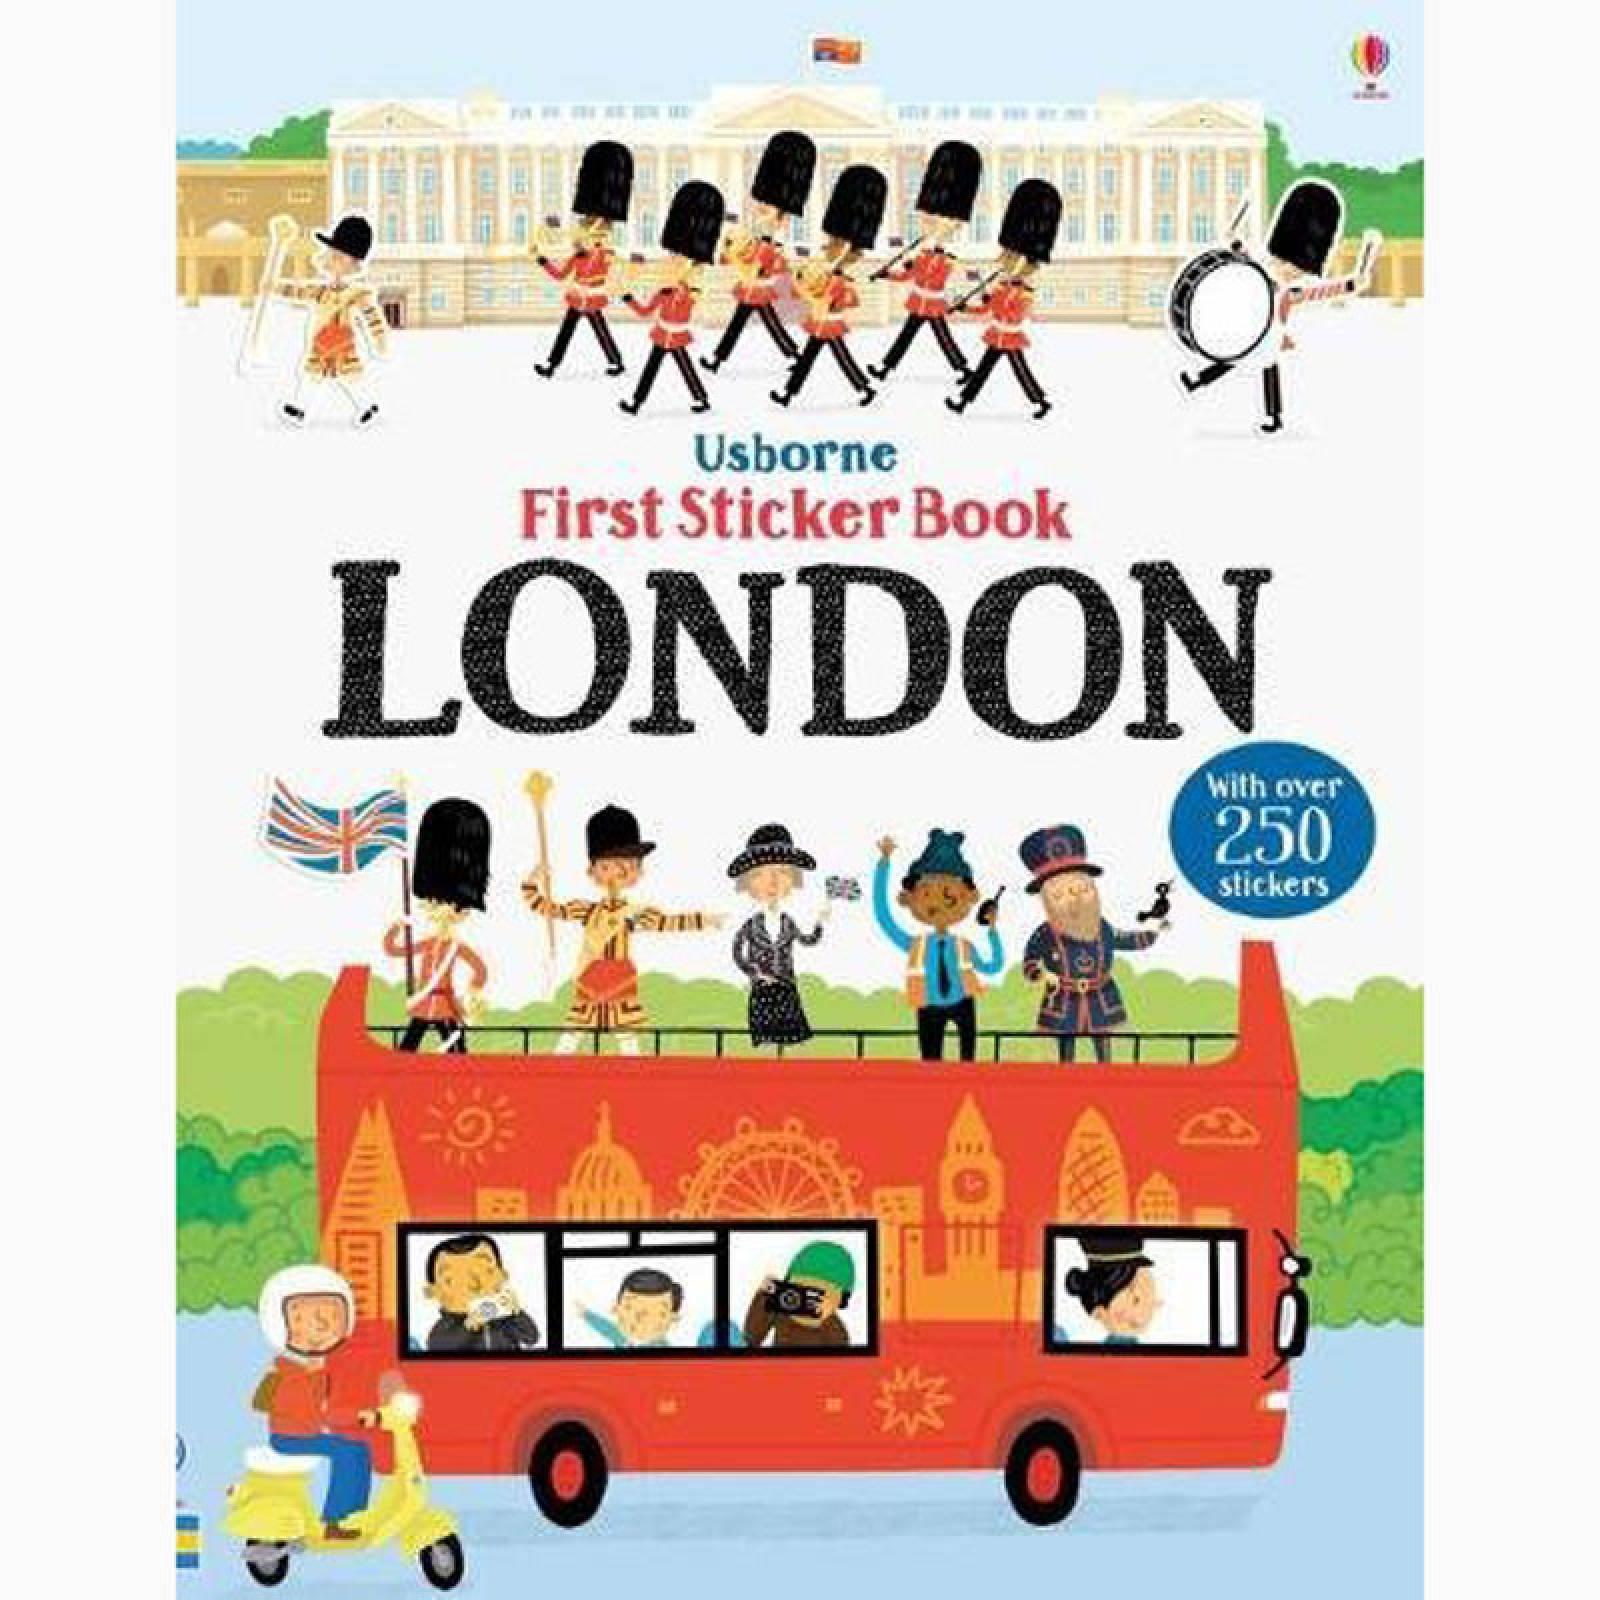 First Sticker Book: London